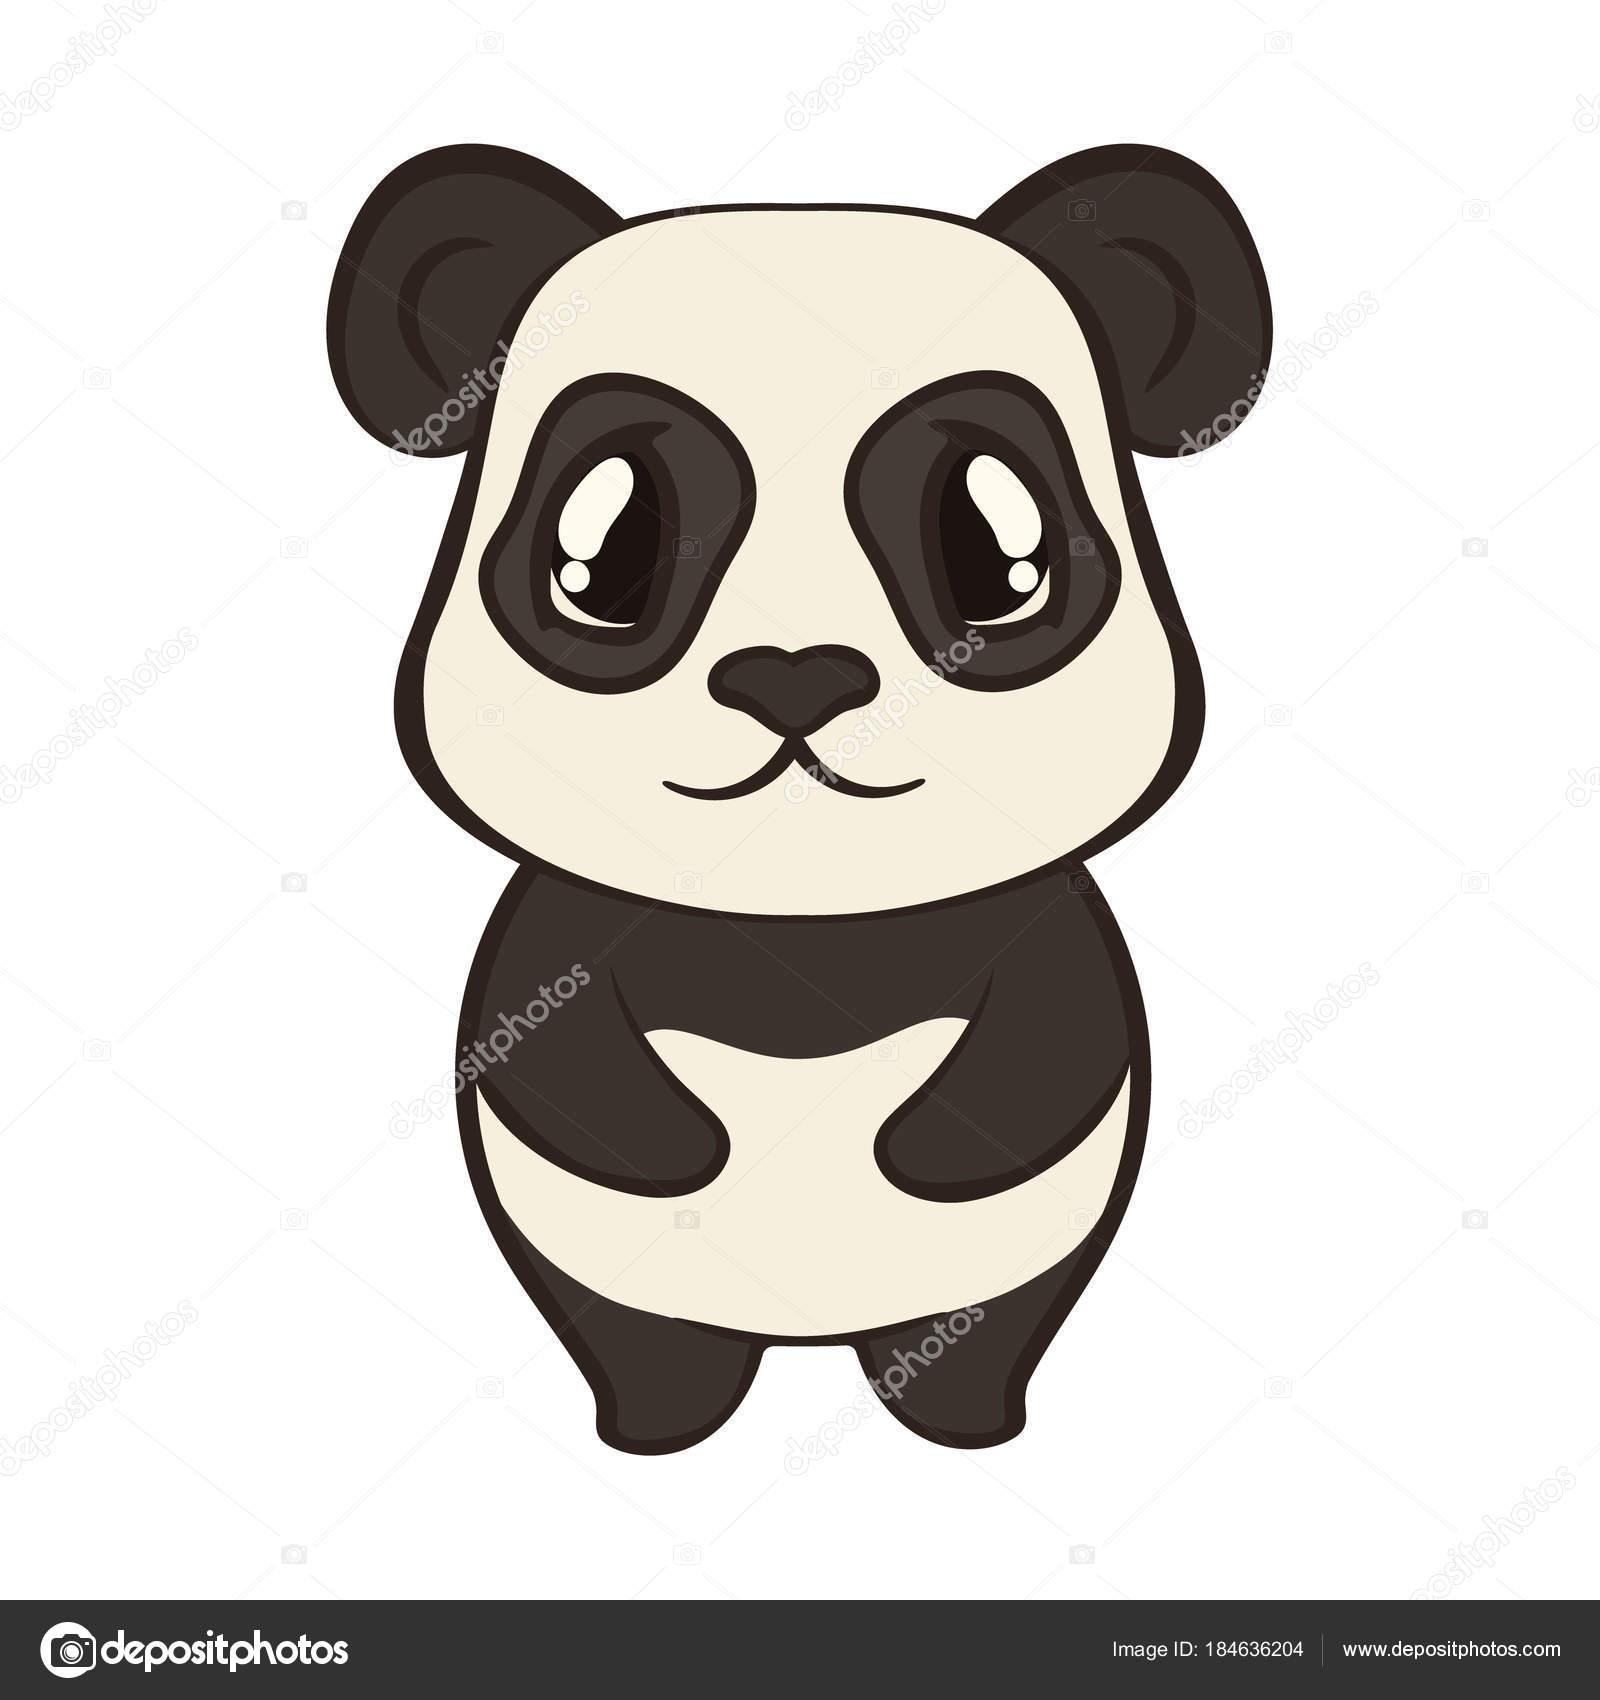 Dibujos Oso Panda Oso Panda Lindo Personaje Estilo Dibujos